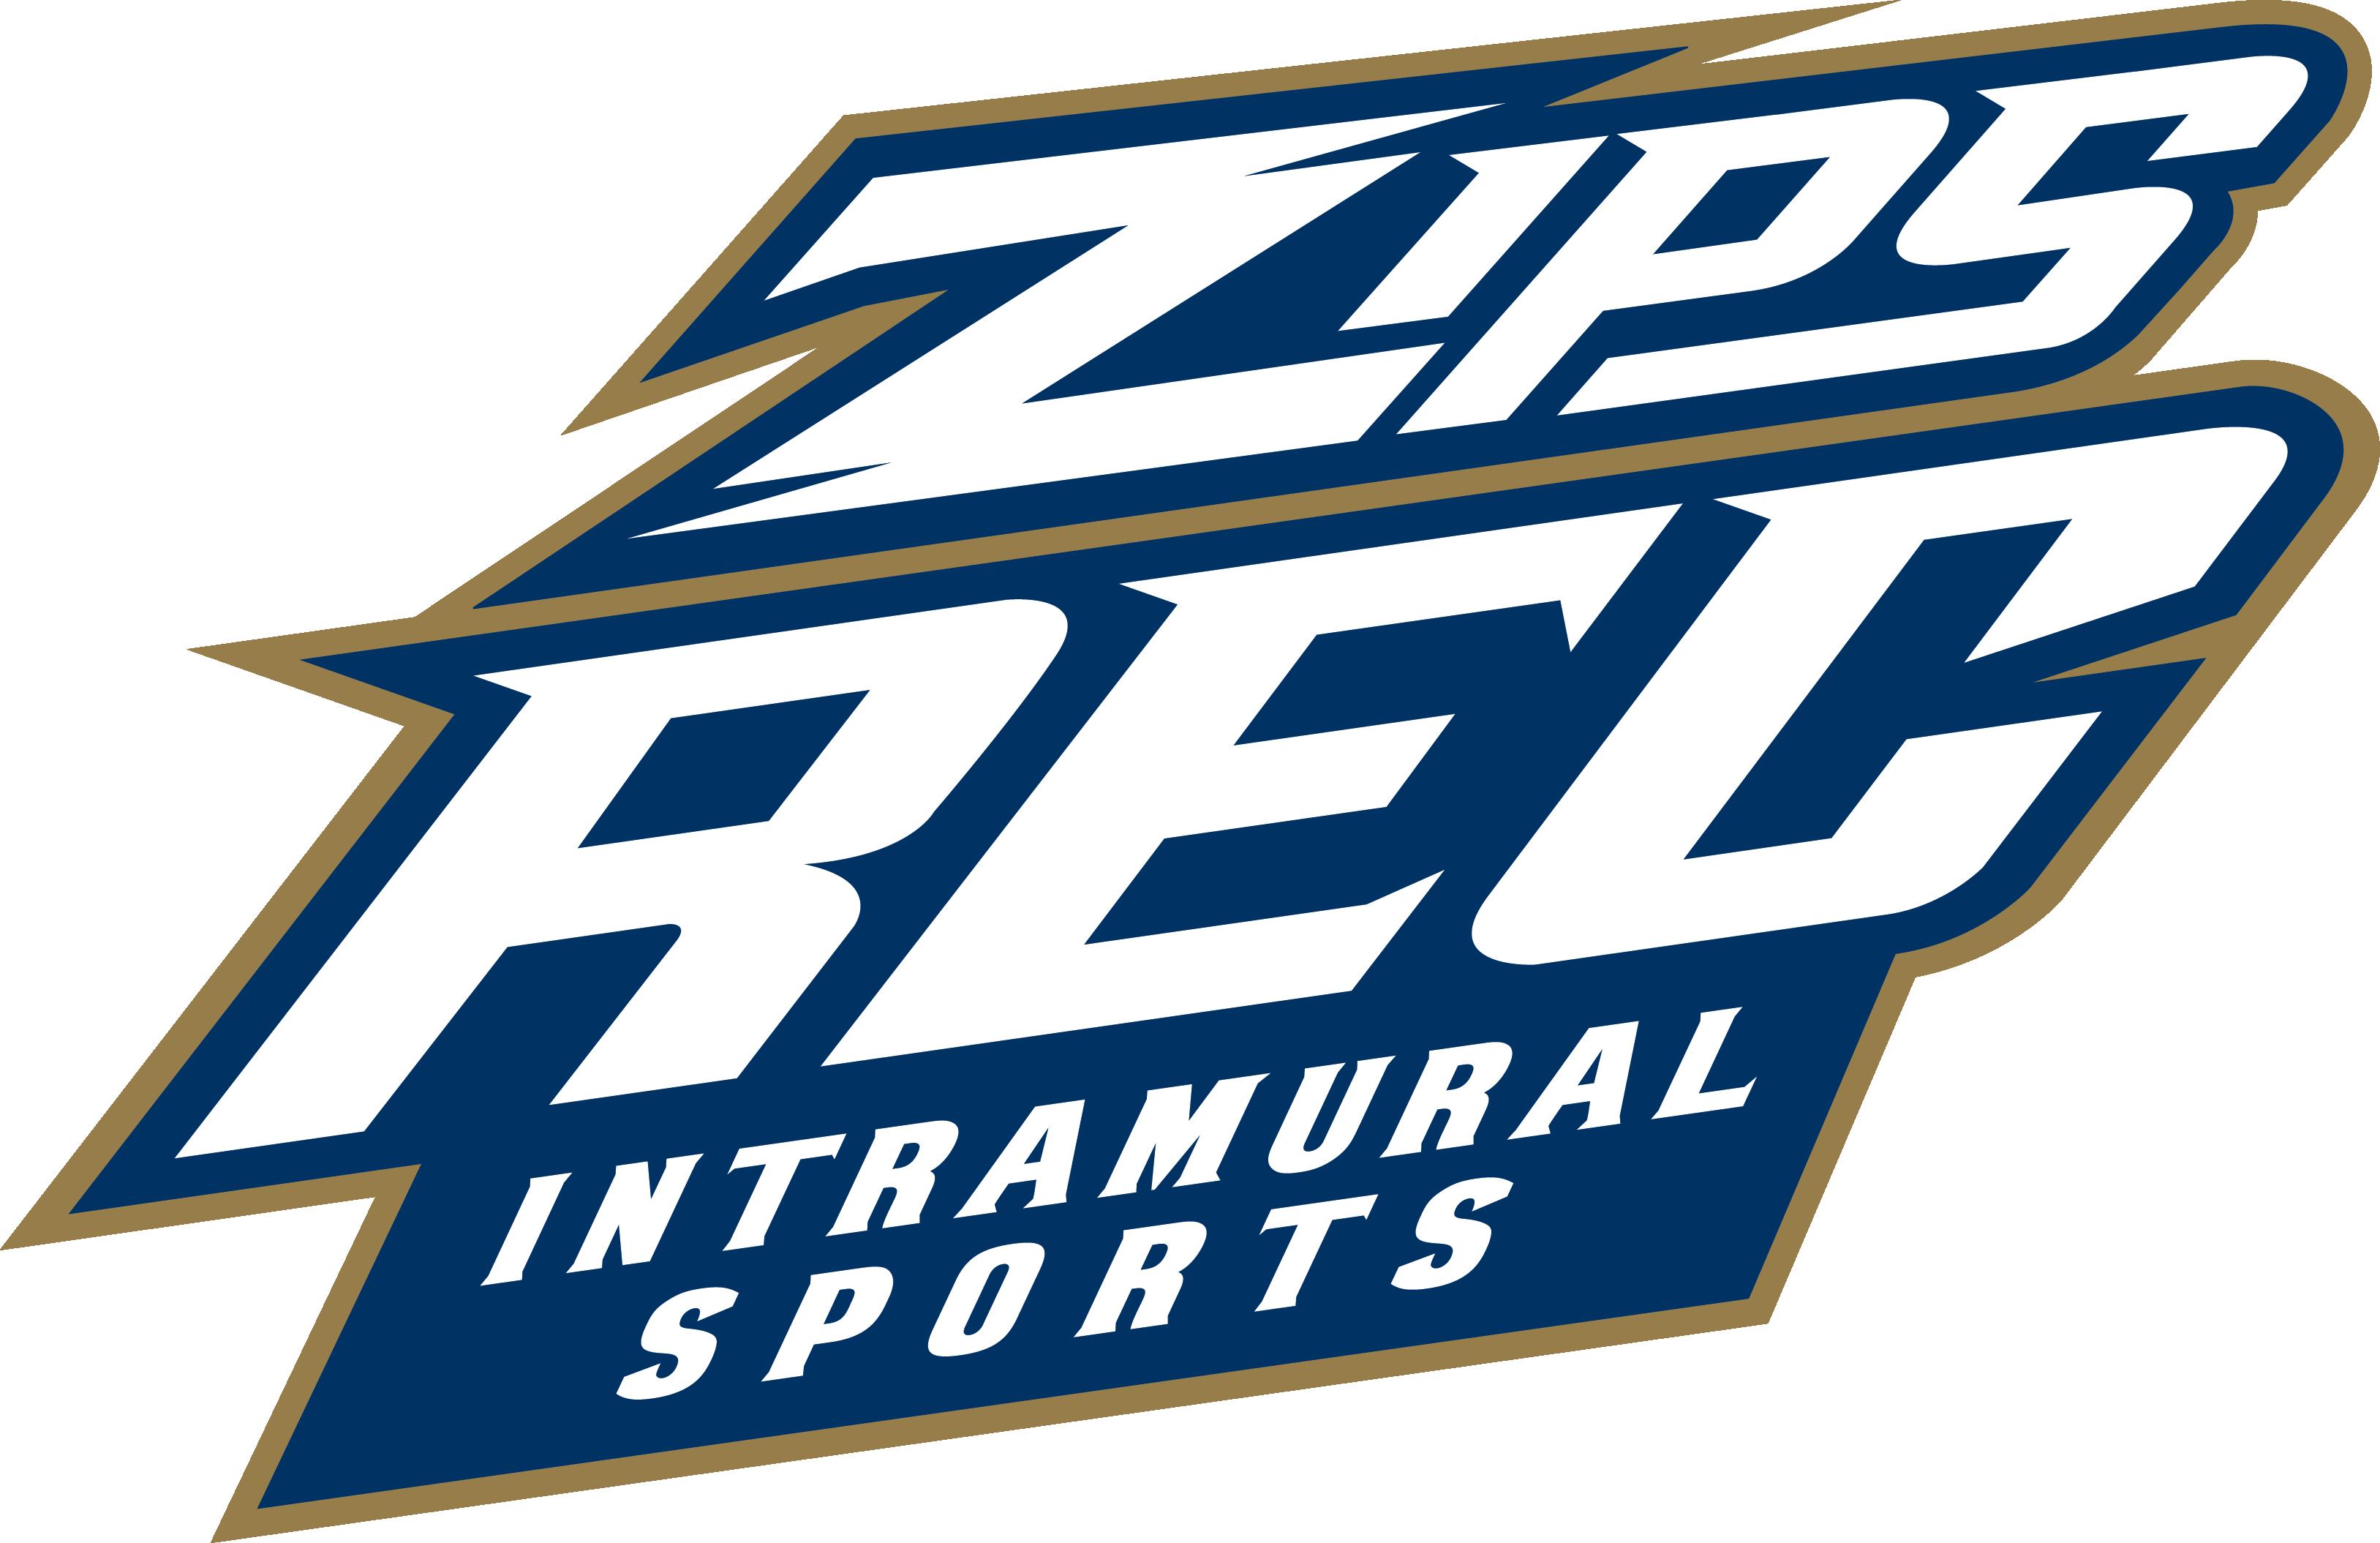 Zips rec logo